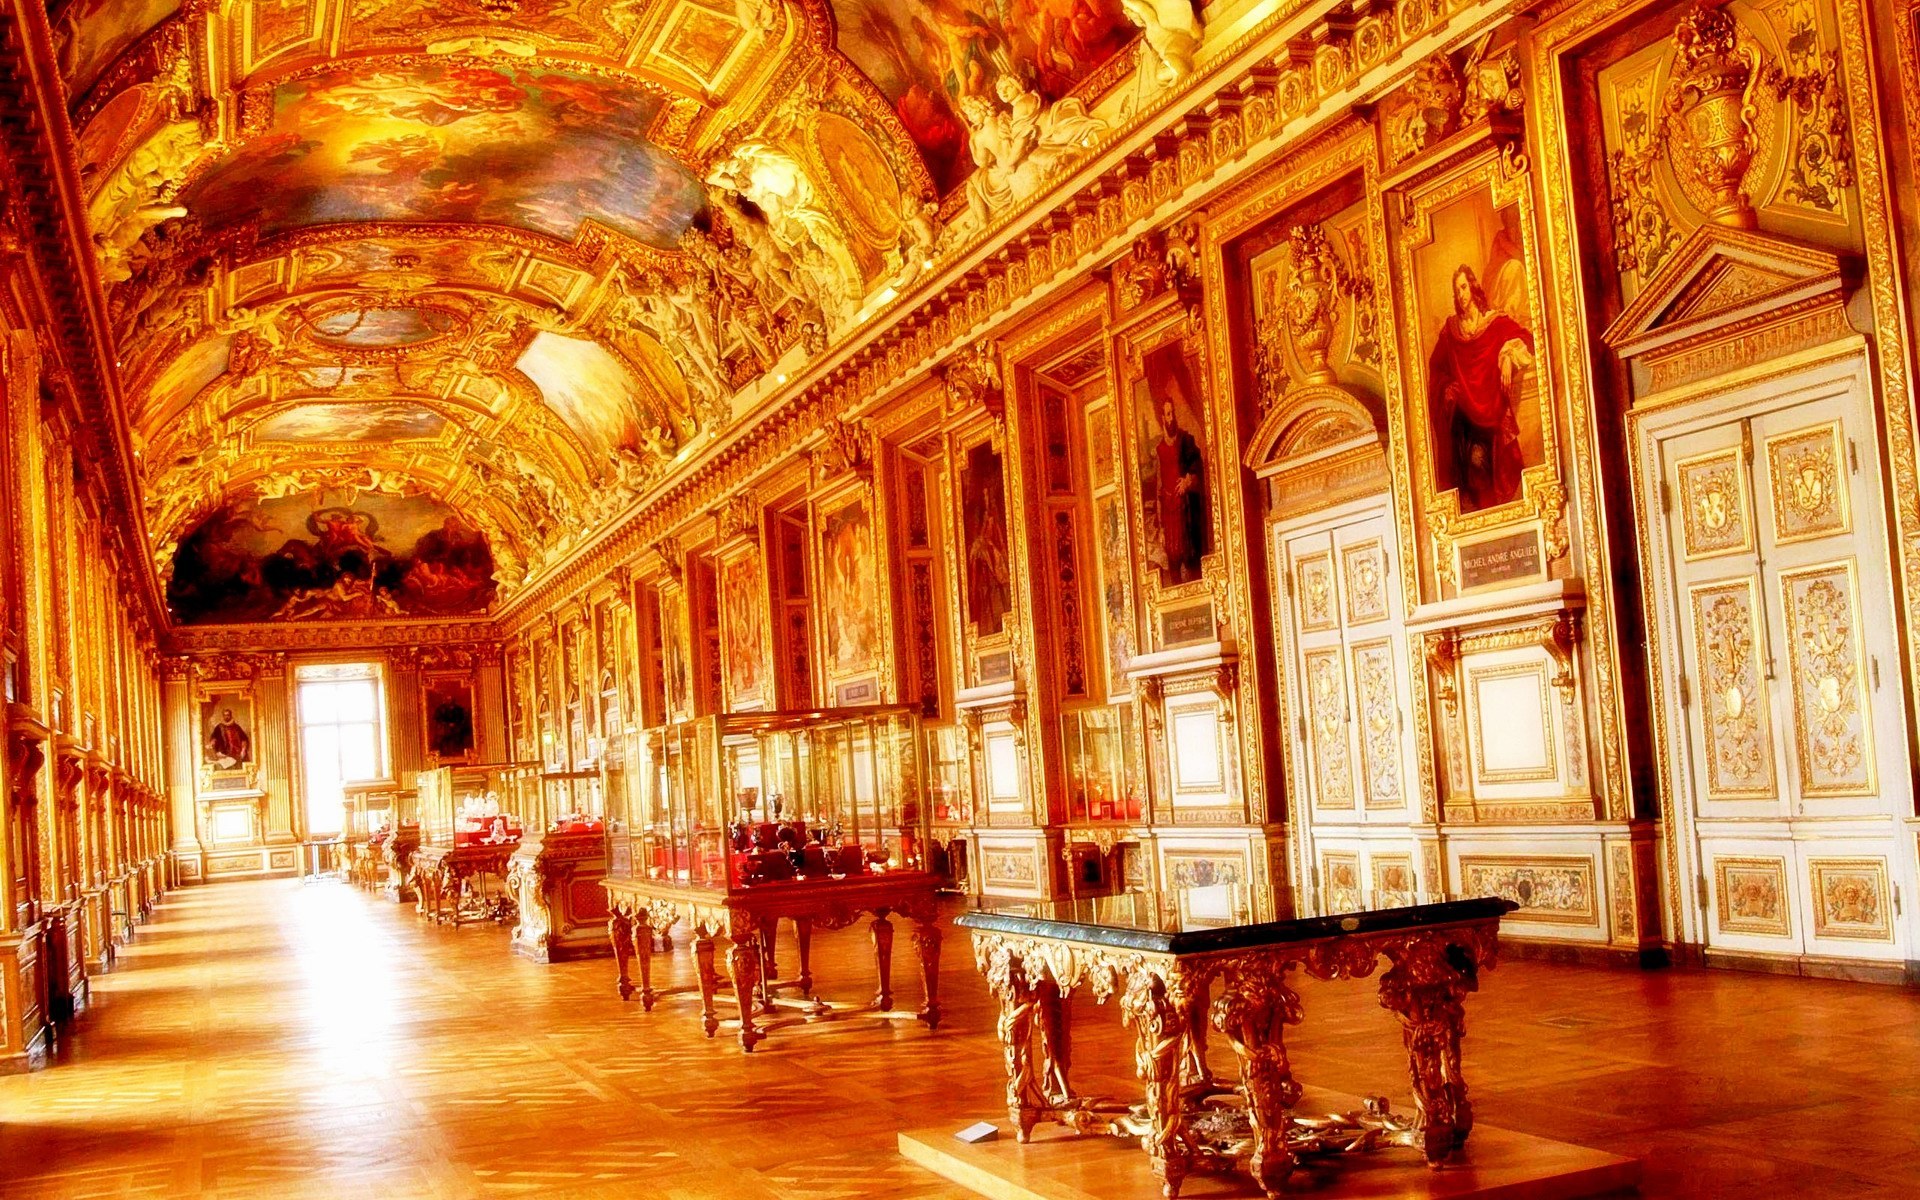 موزه لوور | رزرو آنلاین موزه لوور پاریس با کمترین قیمت | موزه لوور پاریس